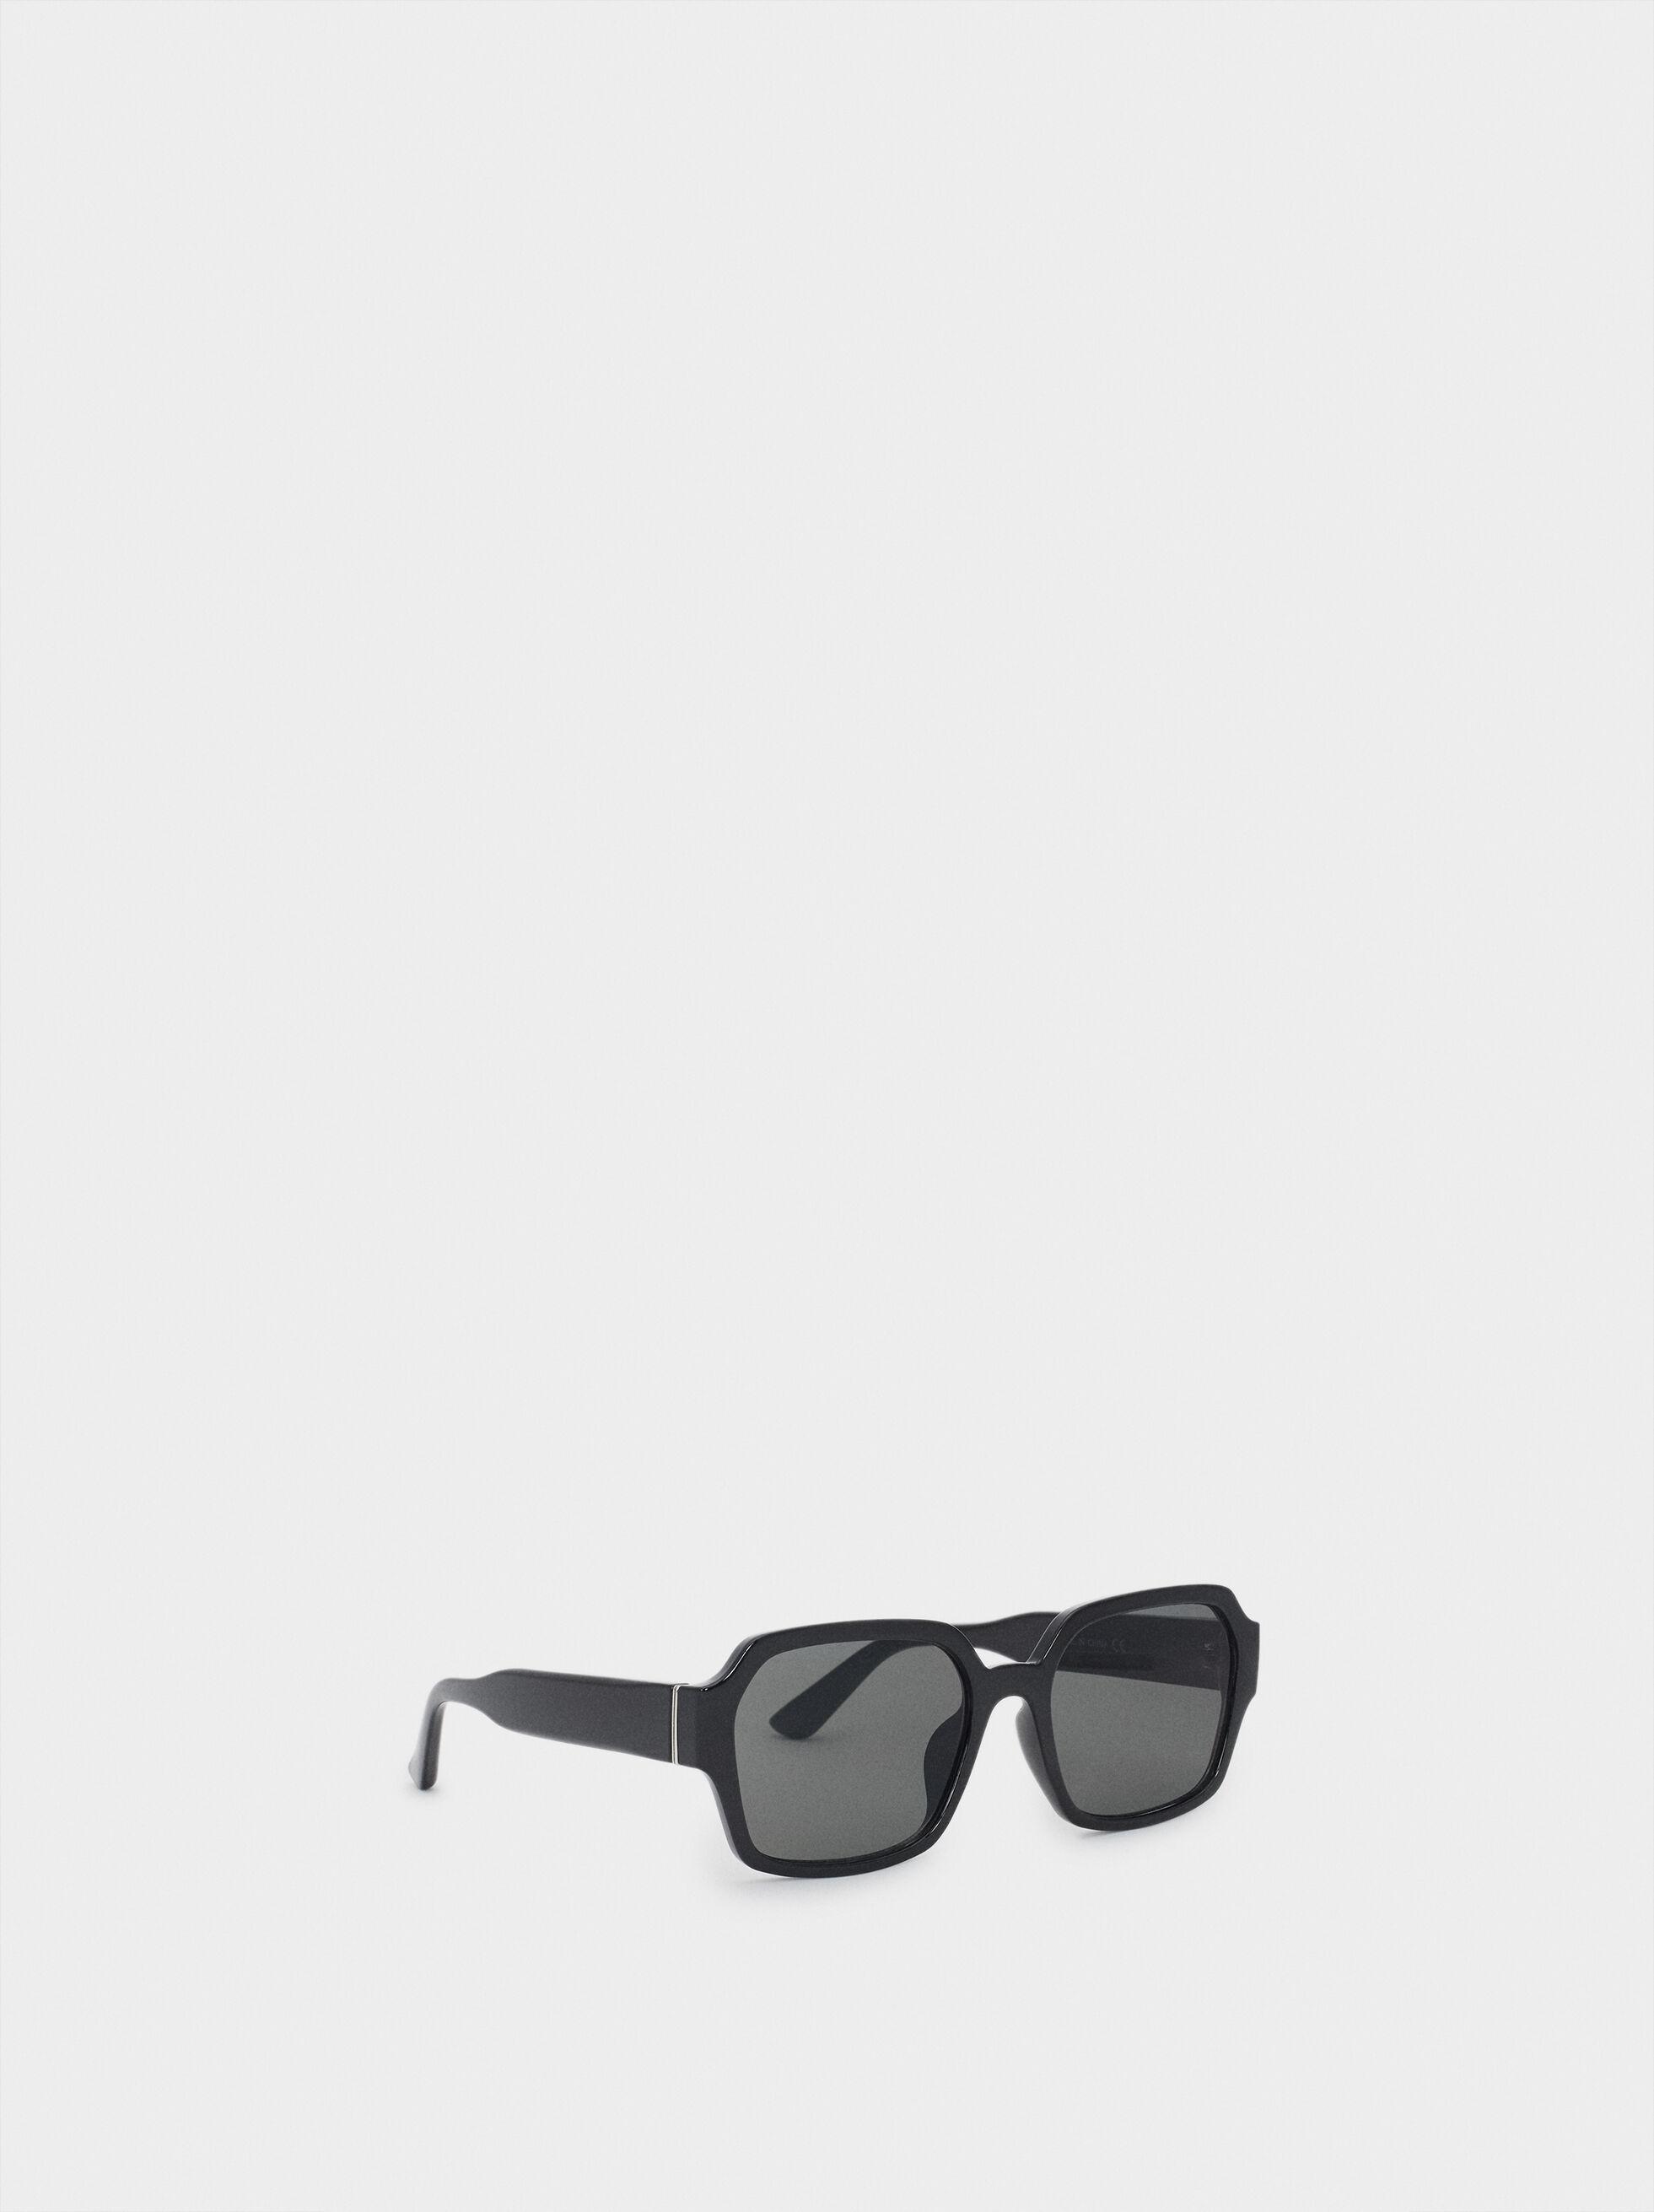 Square Plastic Sunglasses, Black, hi-res